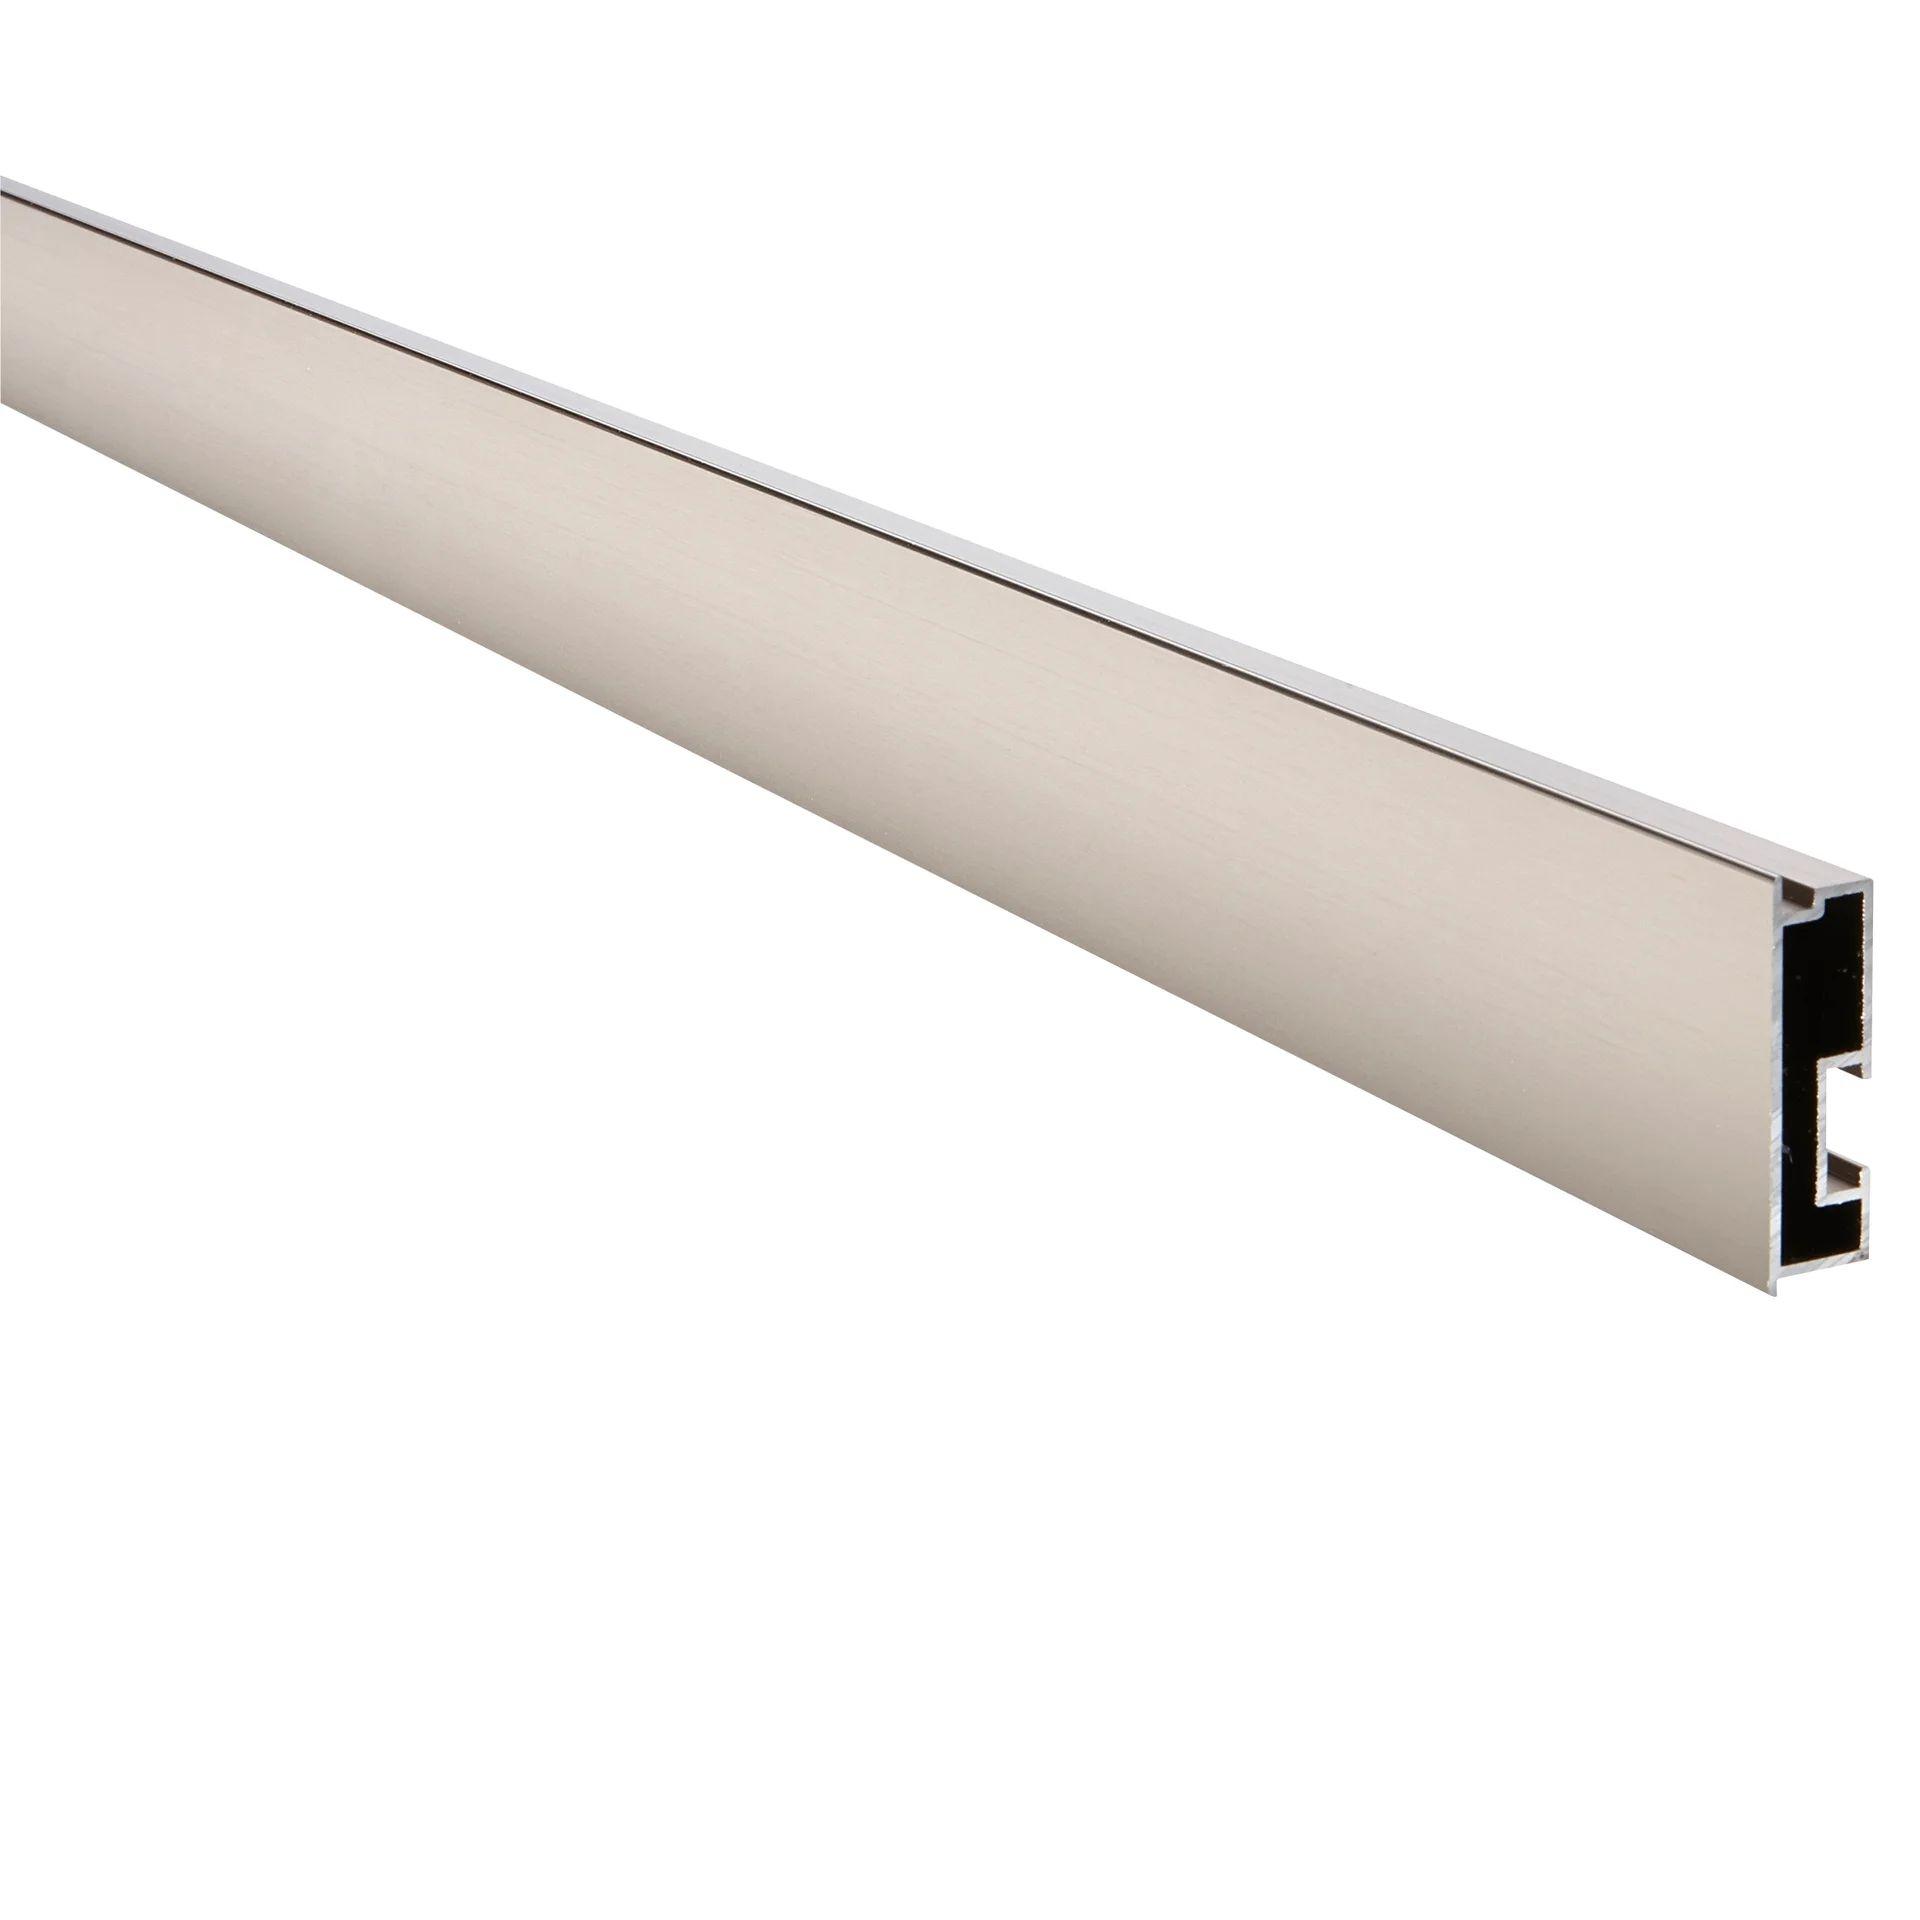 profil pour plan de travail pure aluminium l 202 x l 4 7 cm